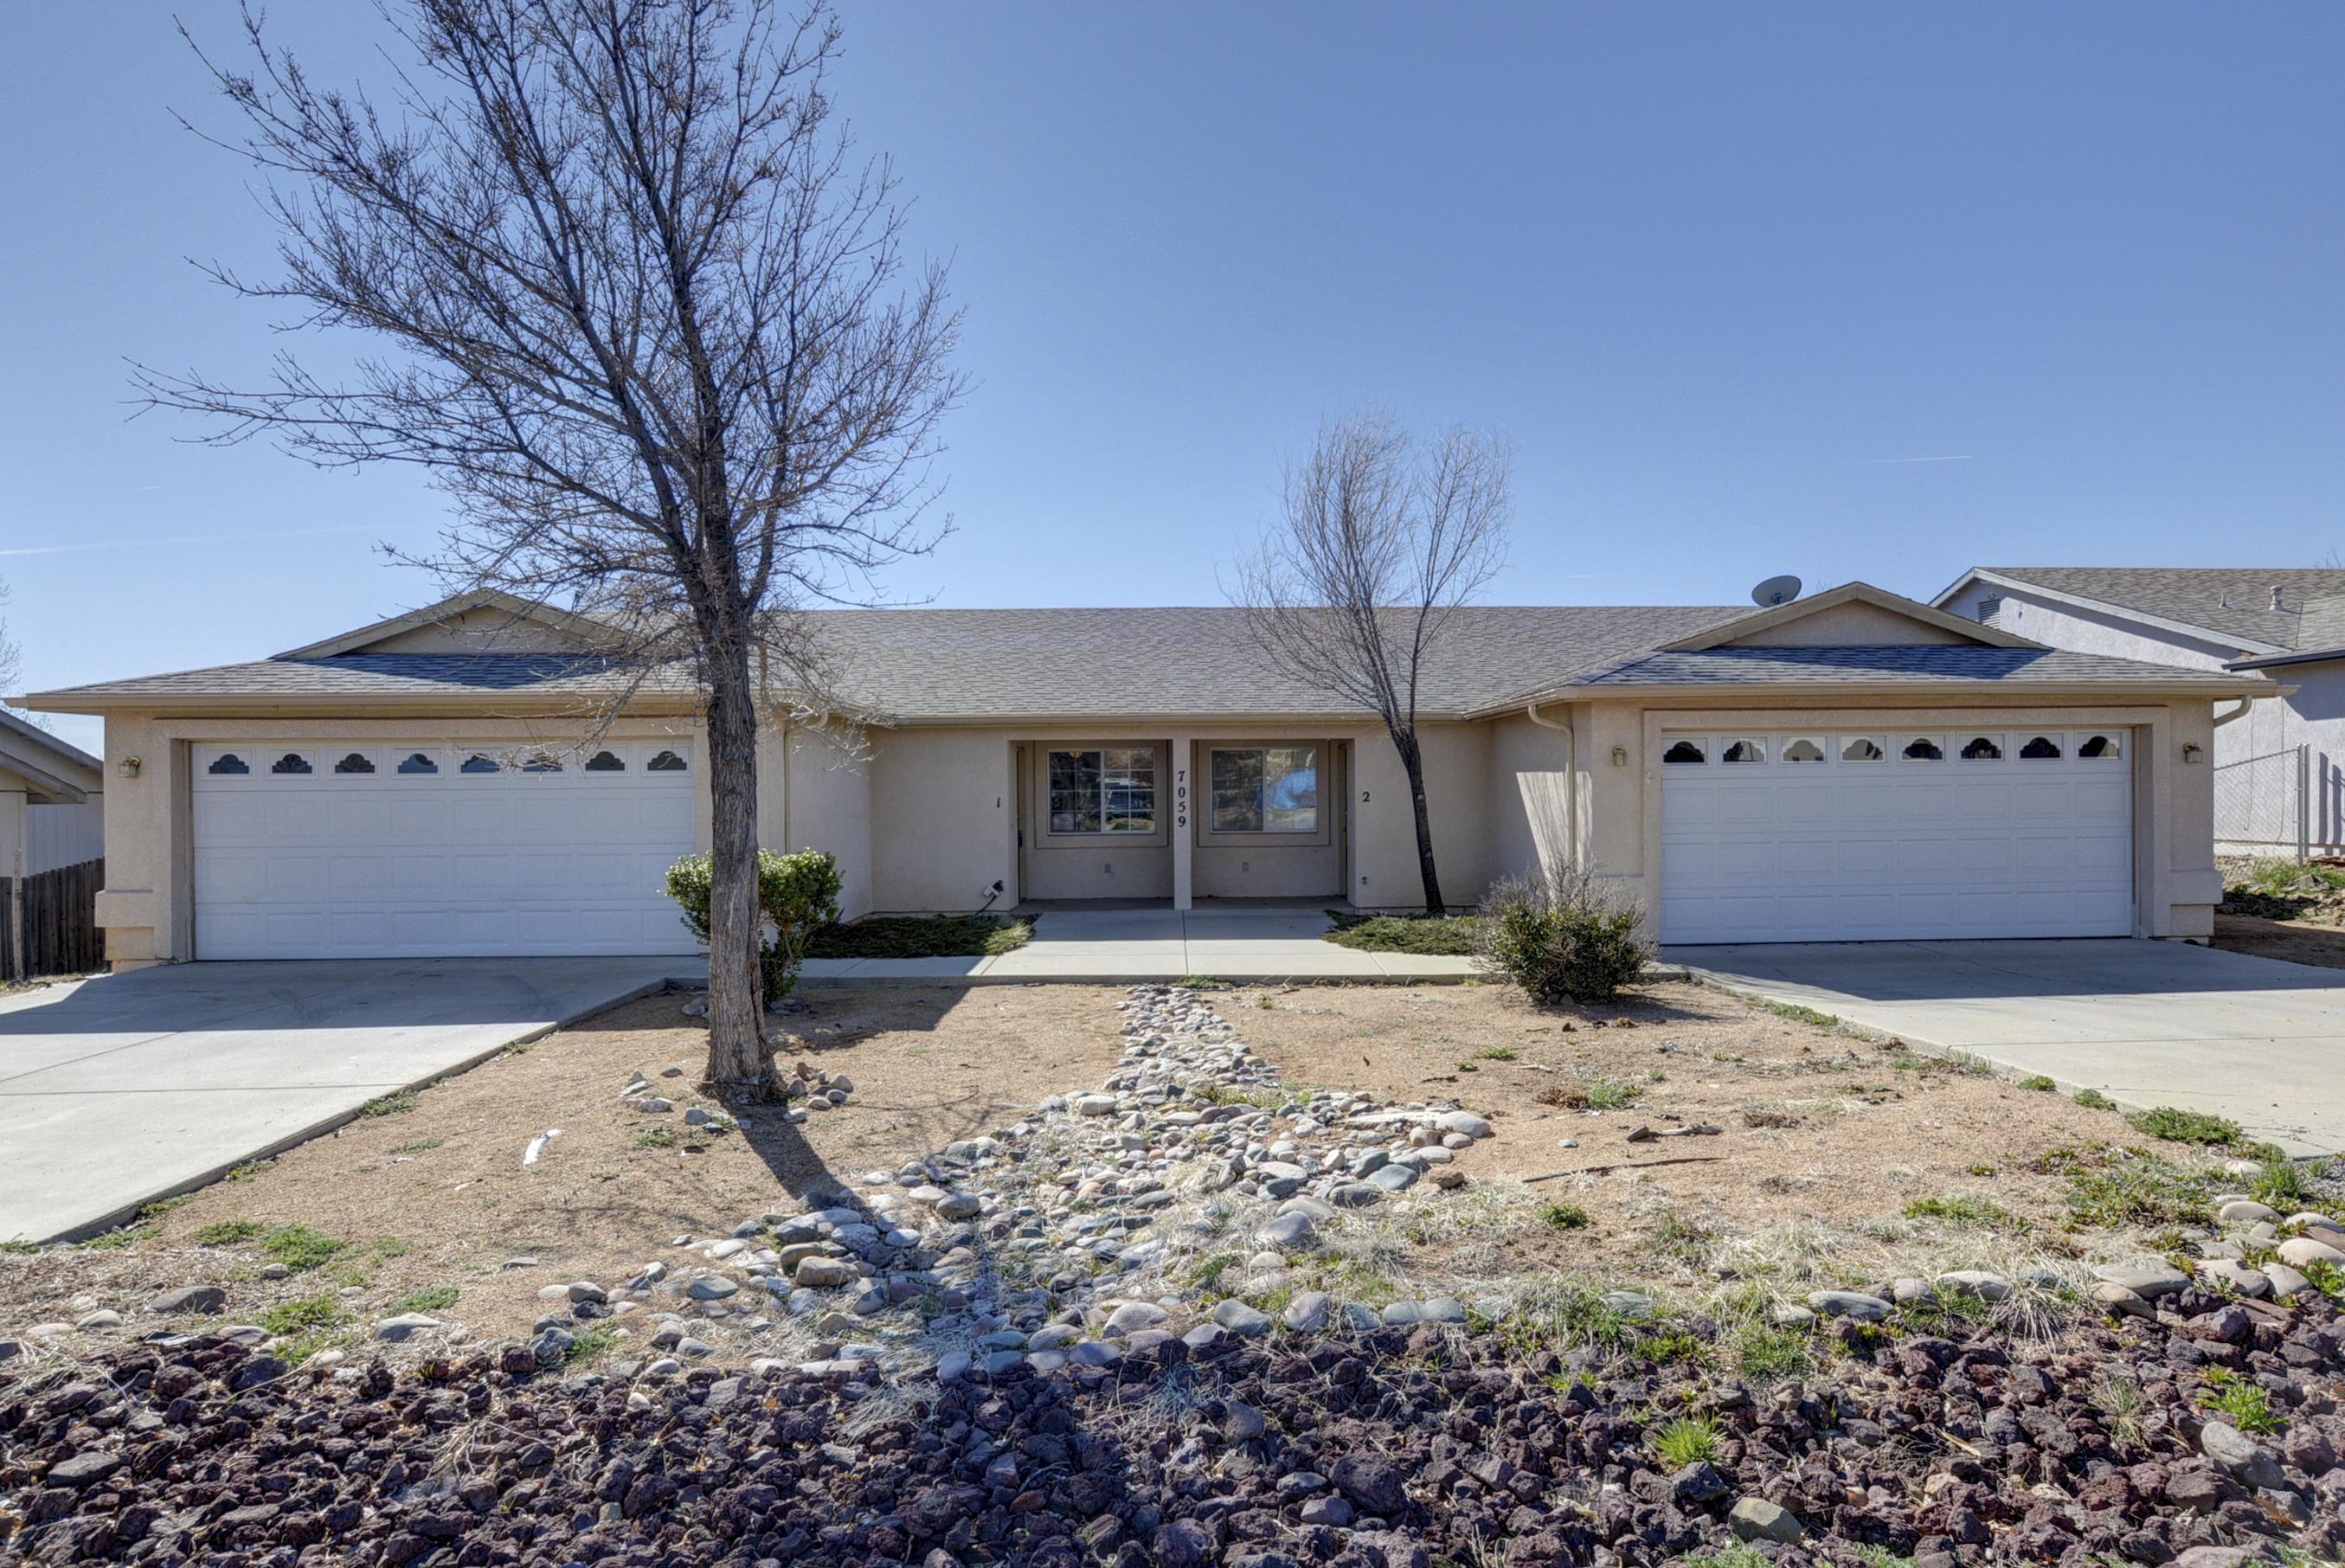 7059 Thrush Lane, Prescott Valley, AZ 86314  Lot #:  4858 – PENDING